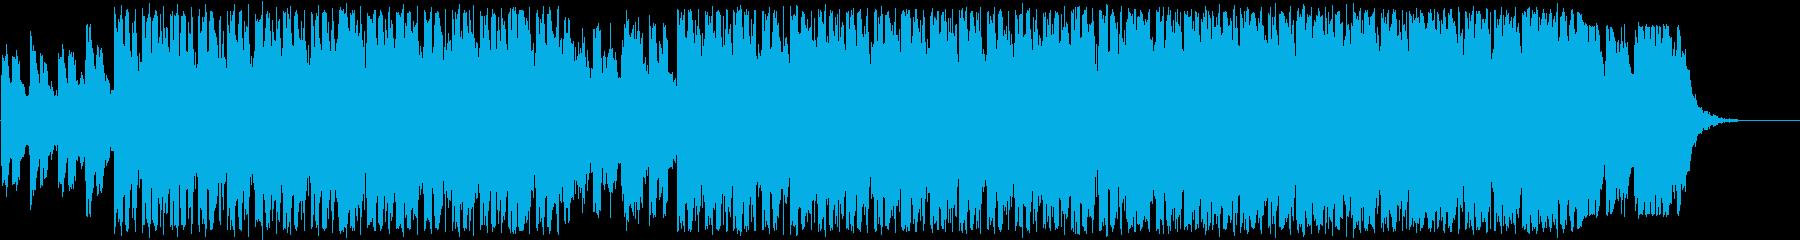 ネオソウル、ヒップホップ、チルアウトの再生済みの波形